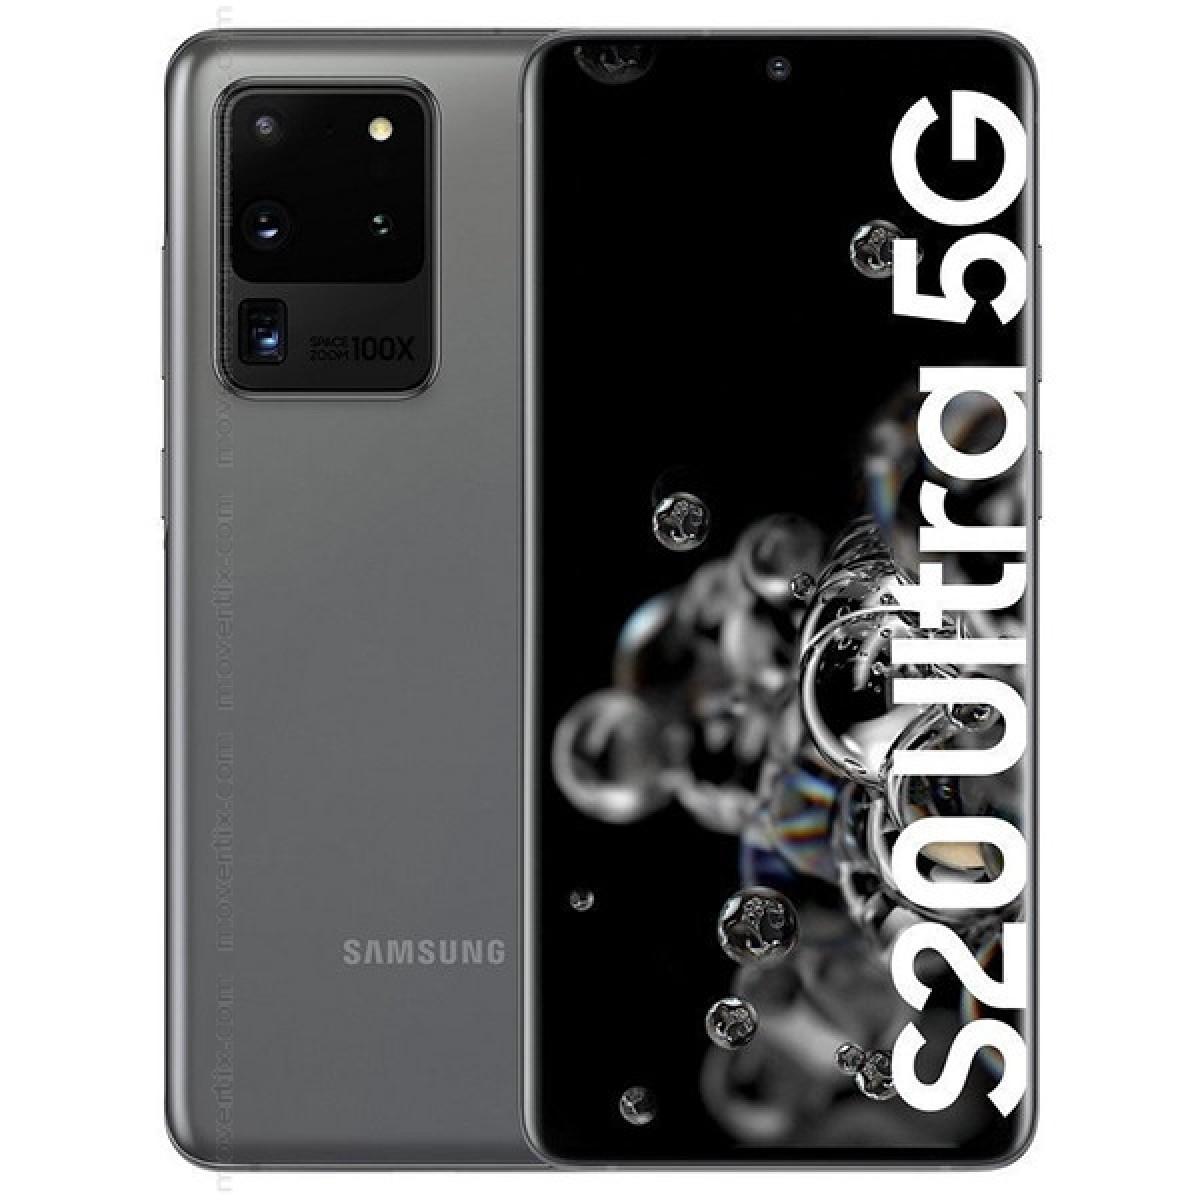 Samsung Galaxy S20 Ultra 5G (Gray) (เครื่องศูนย์ไทย ประกันศูนย์ไทย)